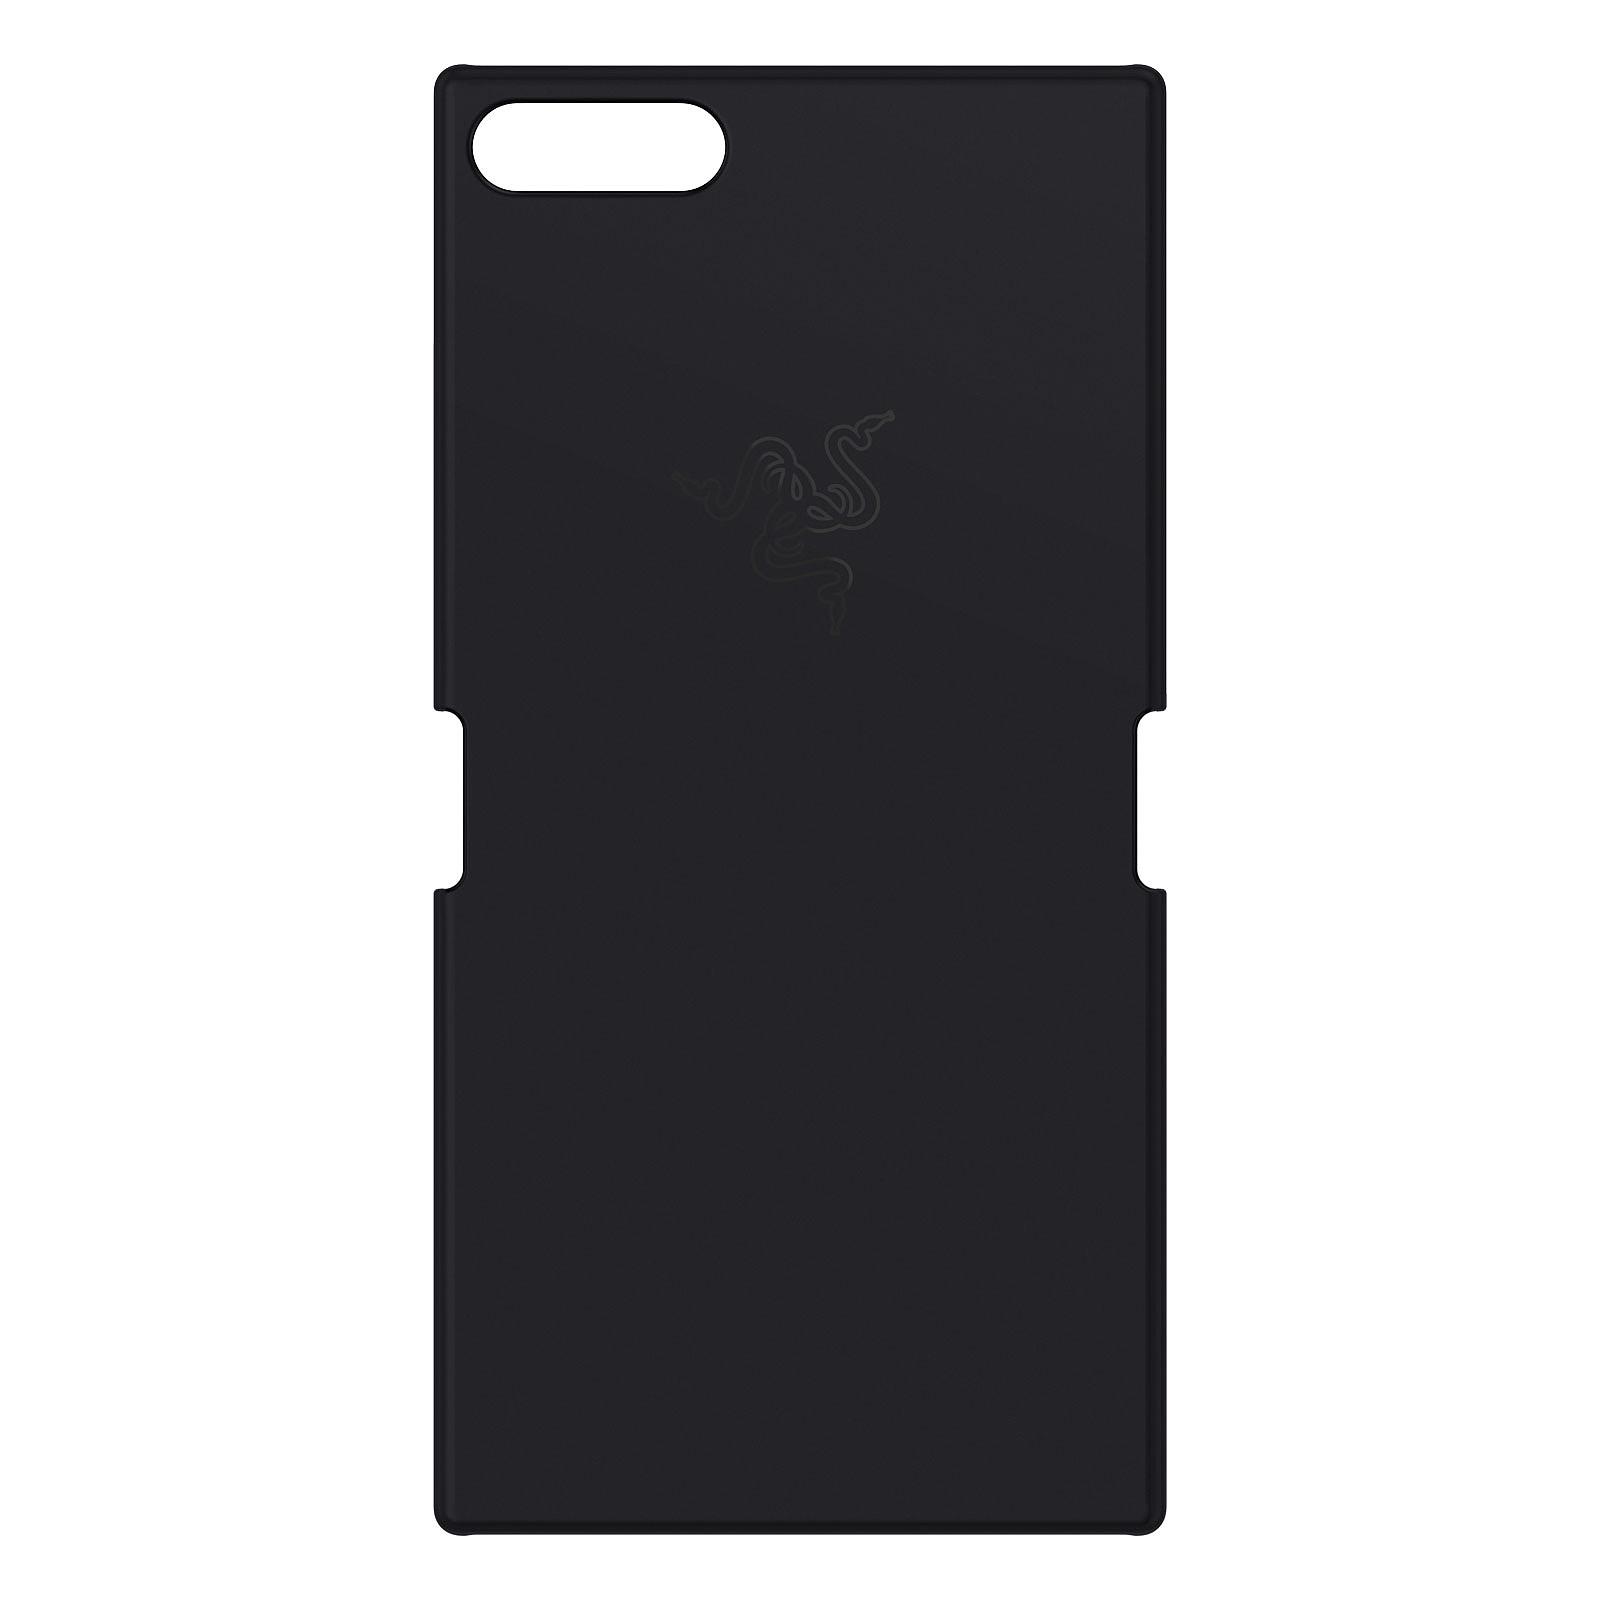 Razer Light Case for Razer Phone negro